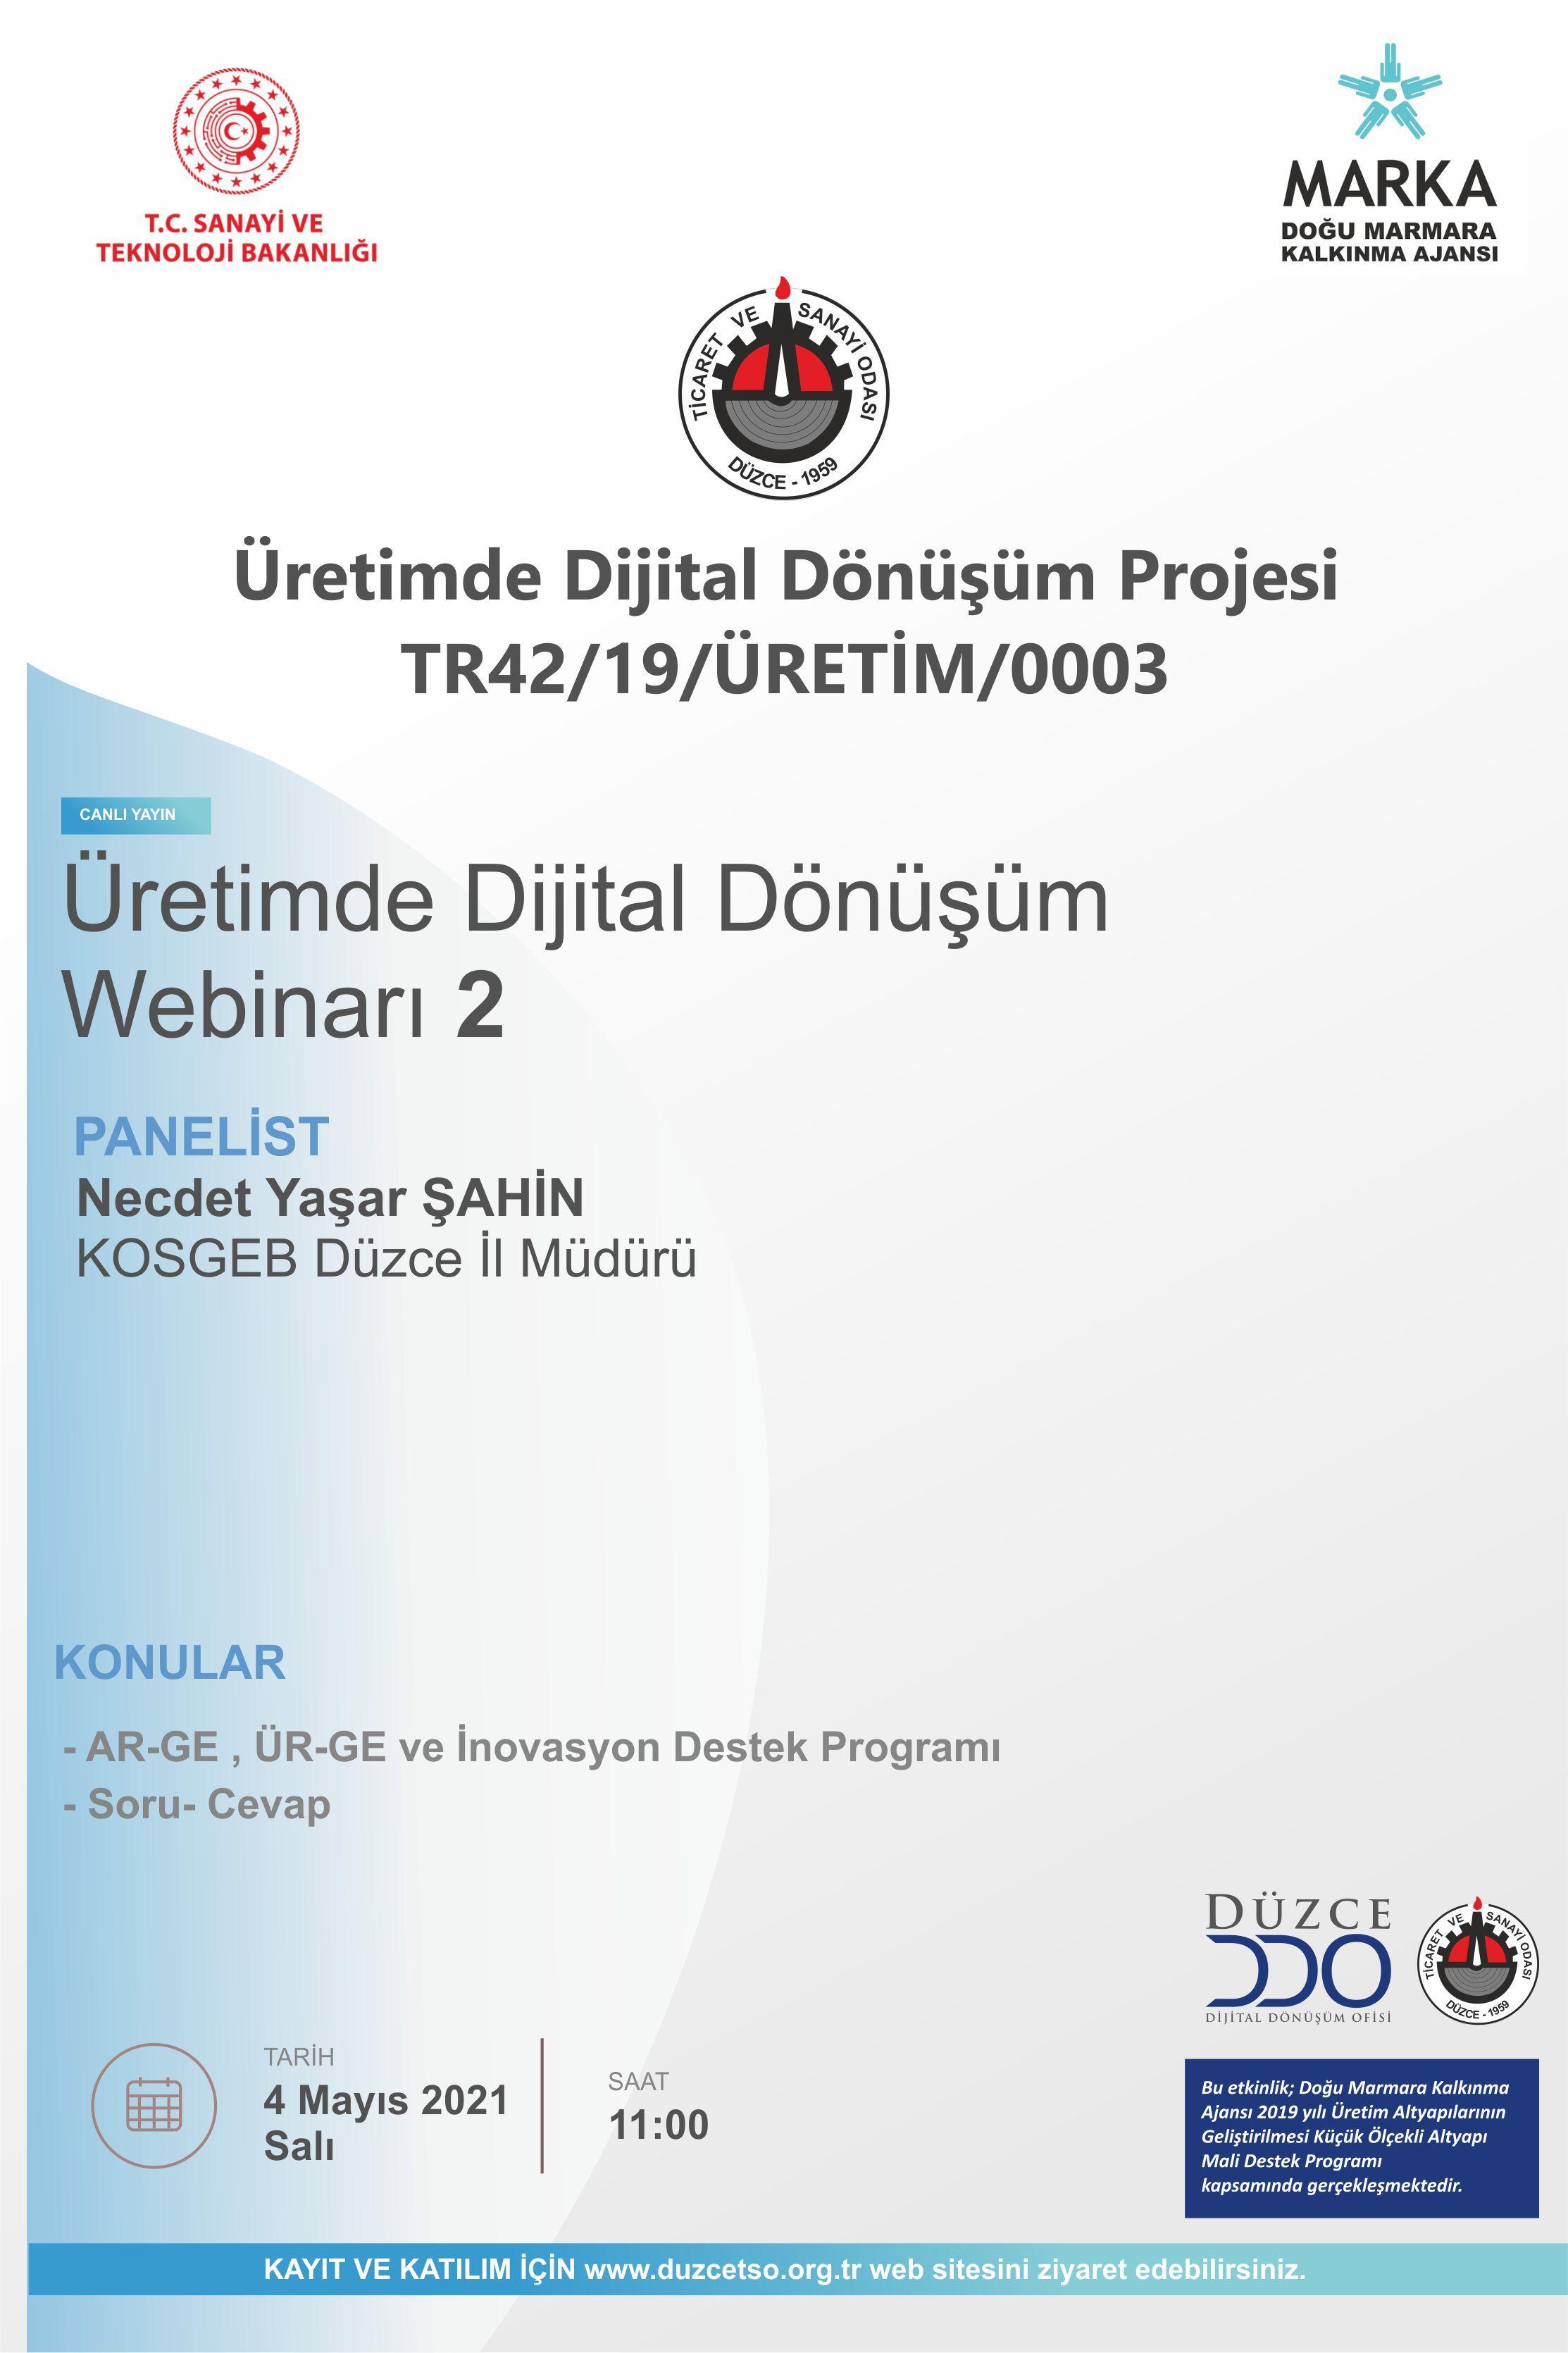 Üretimde Dijital Dönüşüm Semineri 2